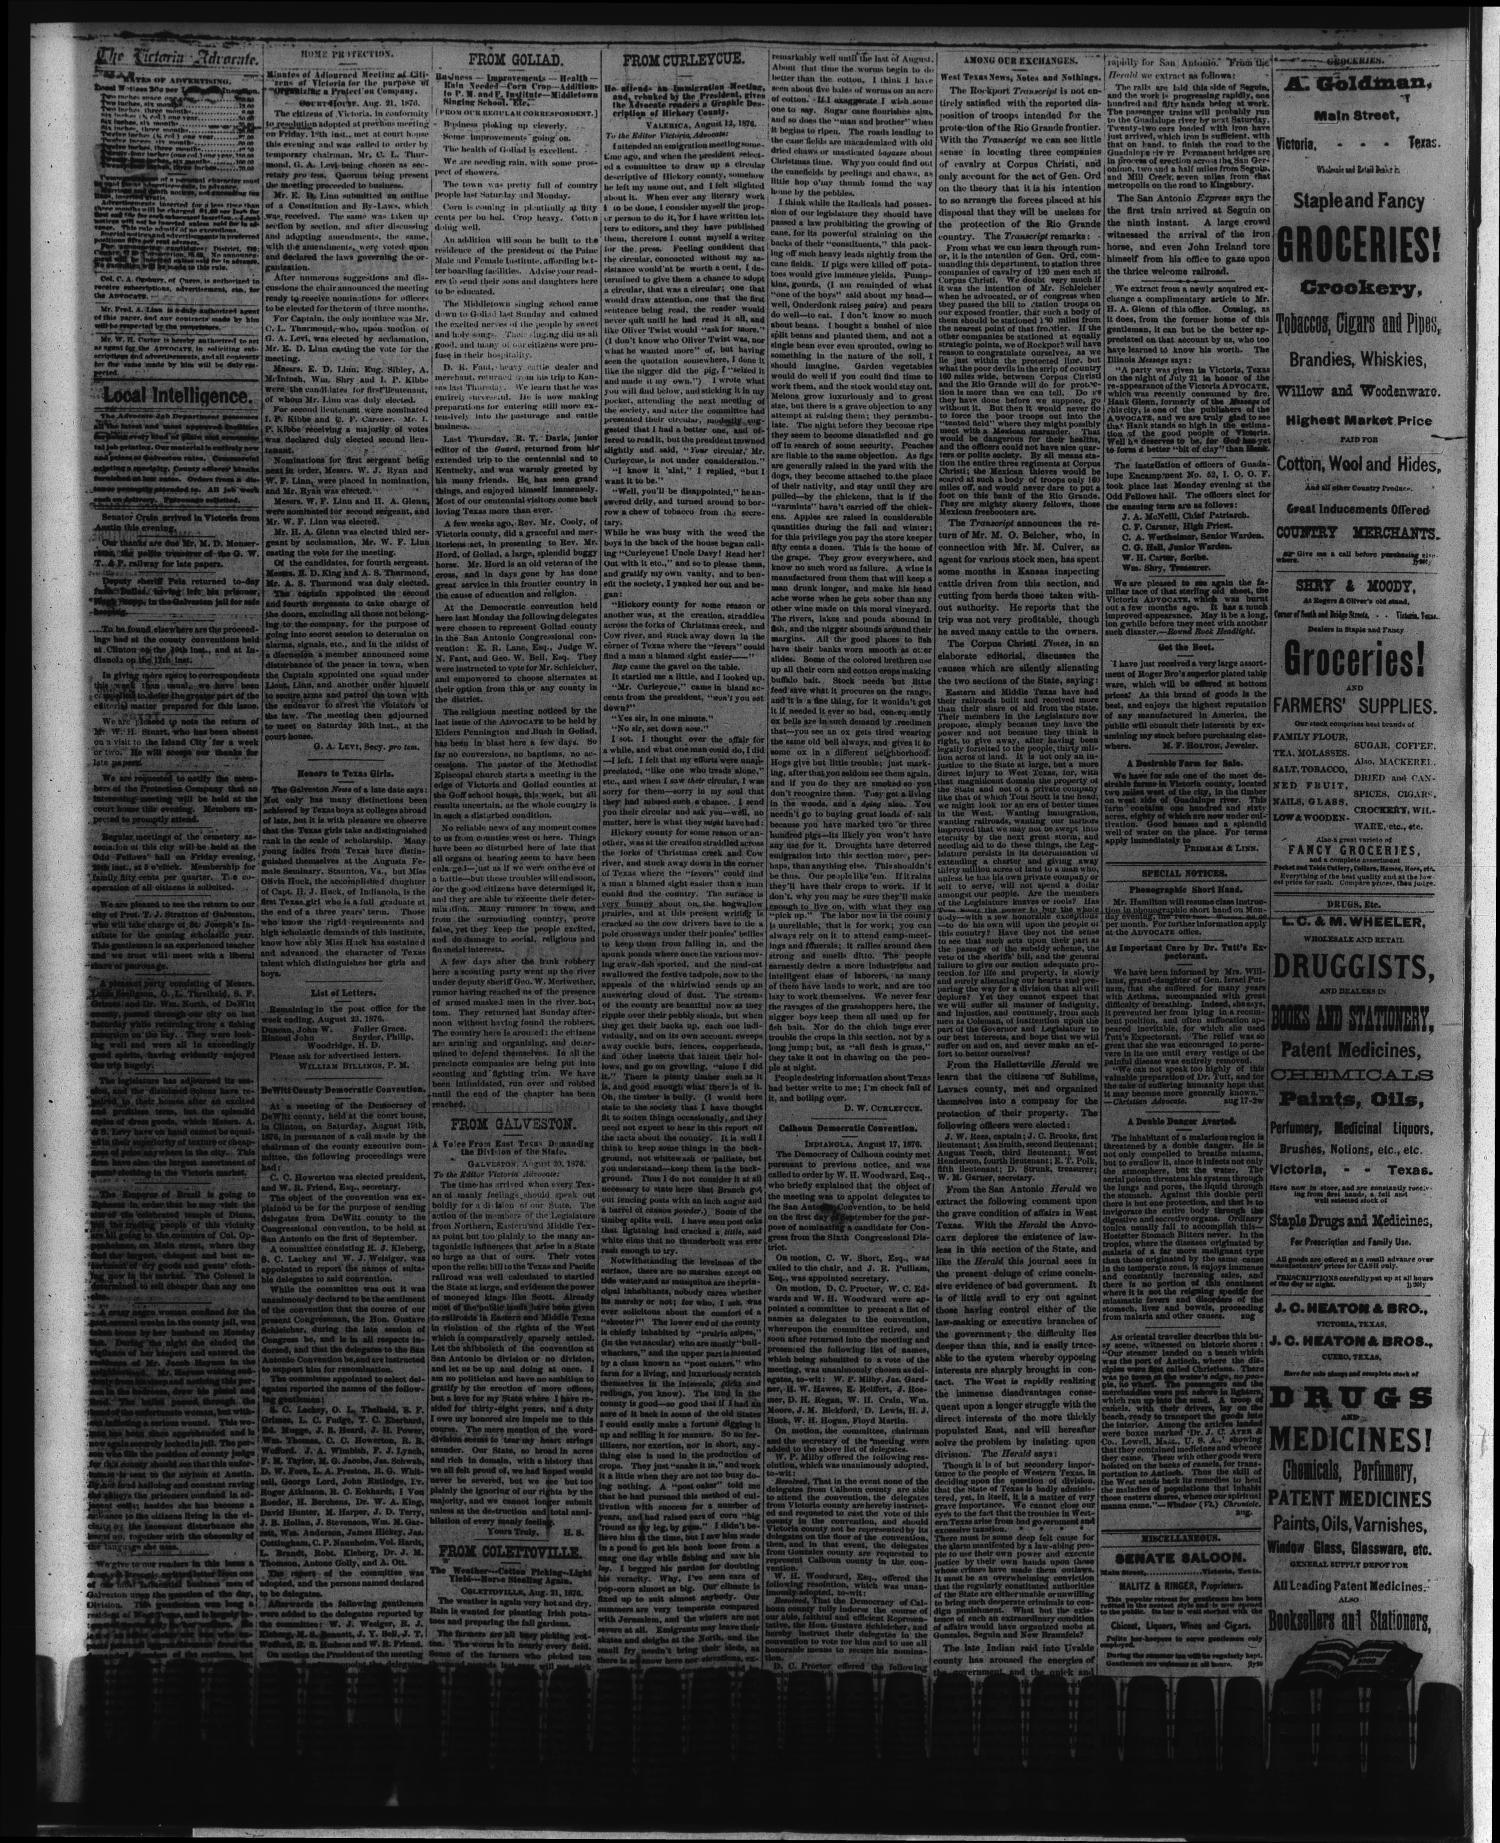 The Victoria Advocate  (Victoria, Tex ), Vol  30, No  15, Ed